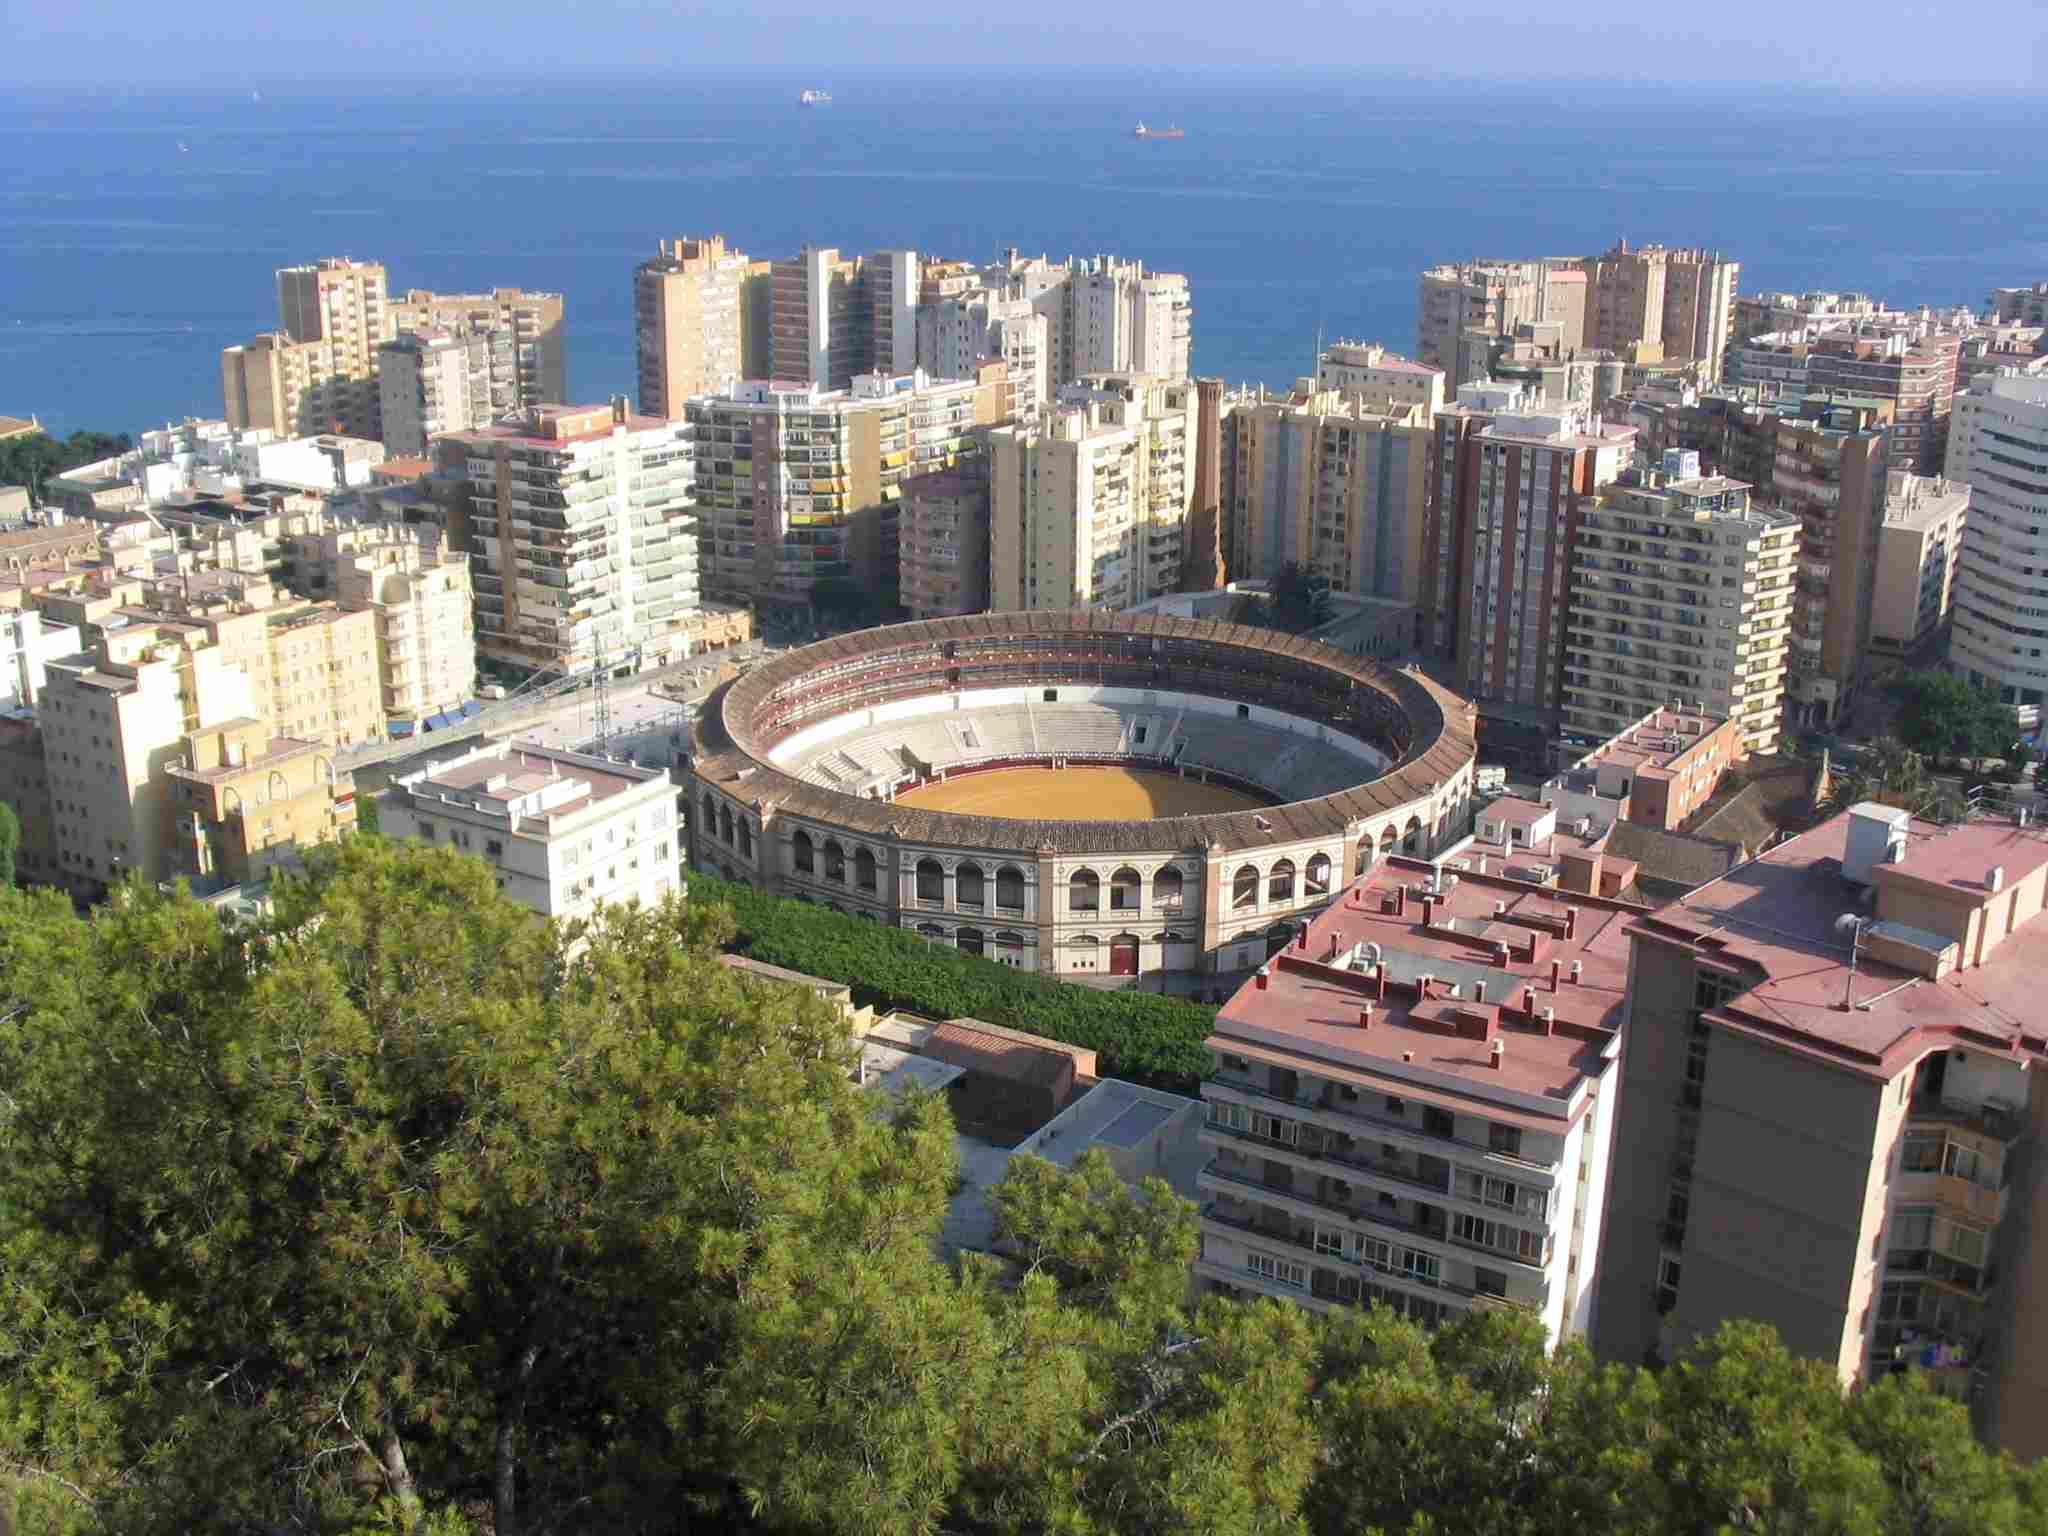 Cityscape including bull fight arena, Malaga